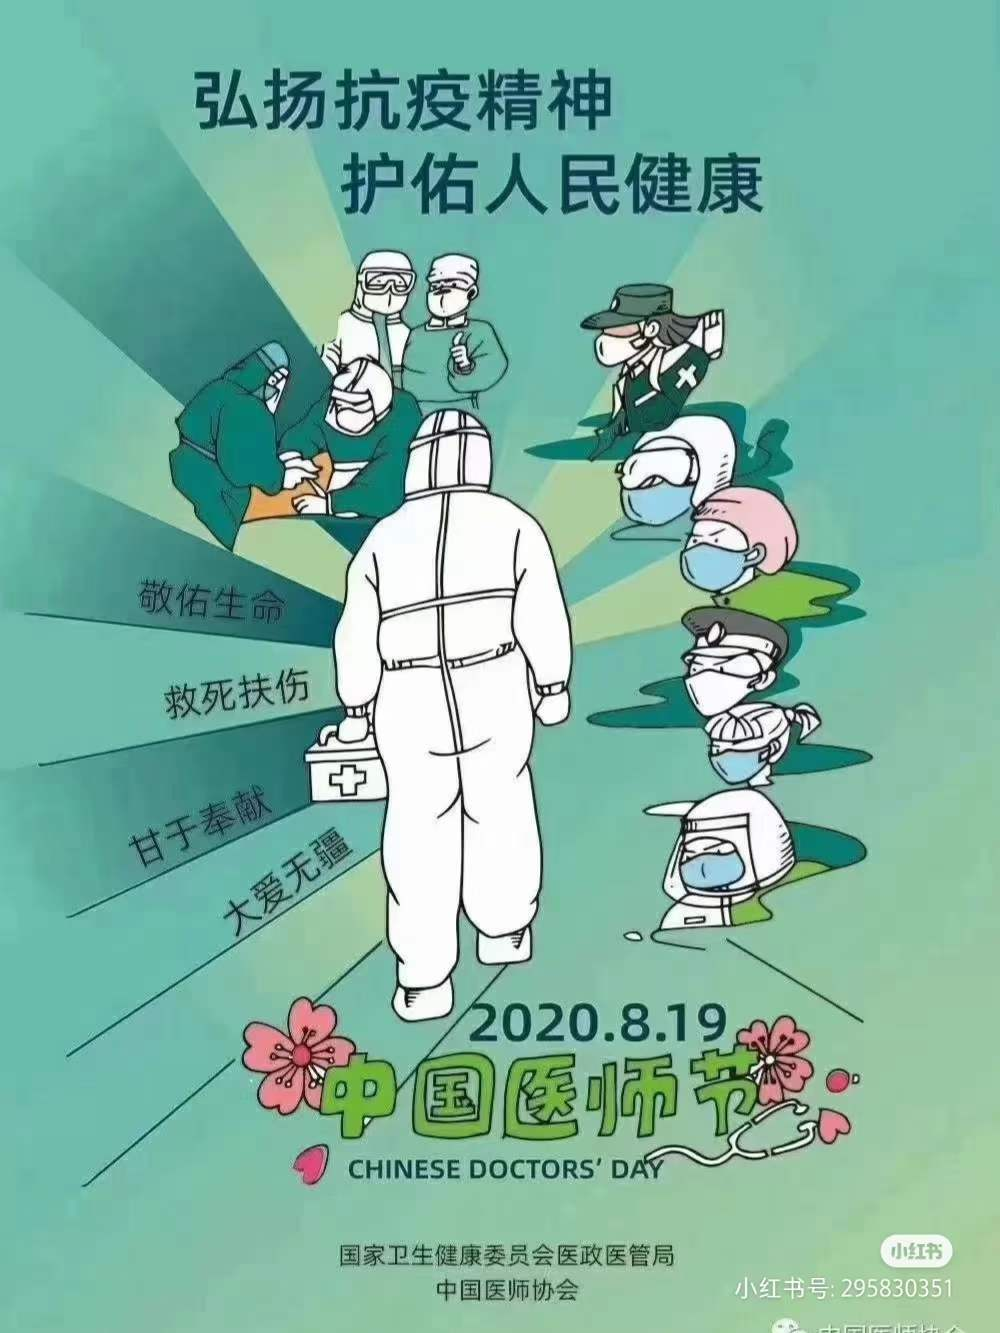 致敬中国医生! 致敬中国医师节!